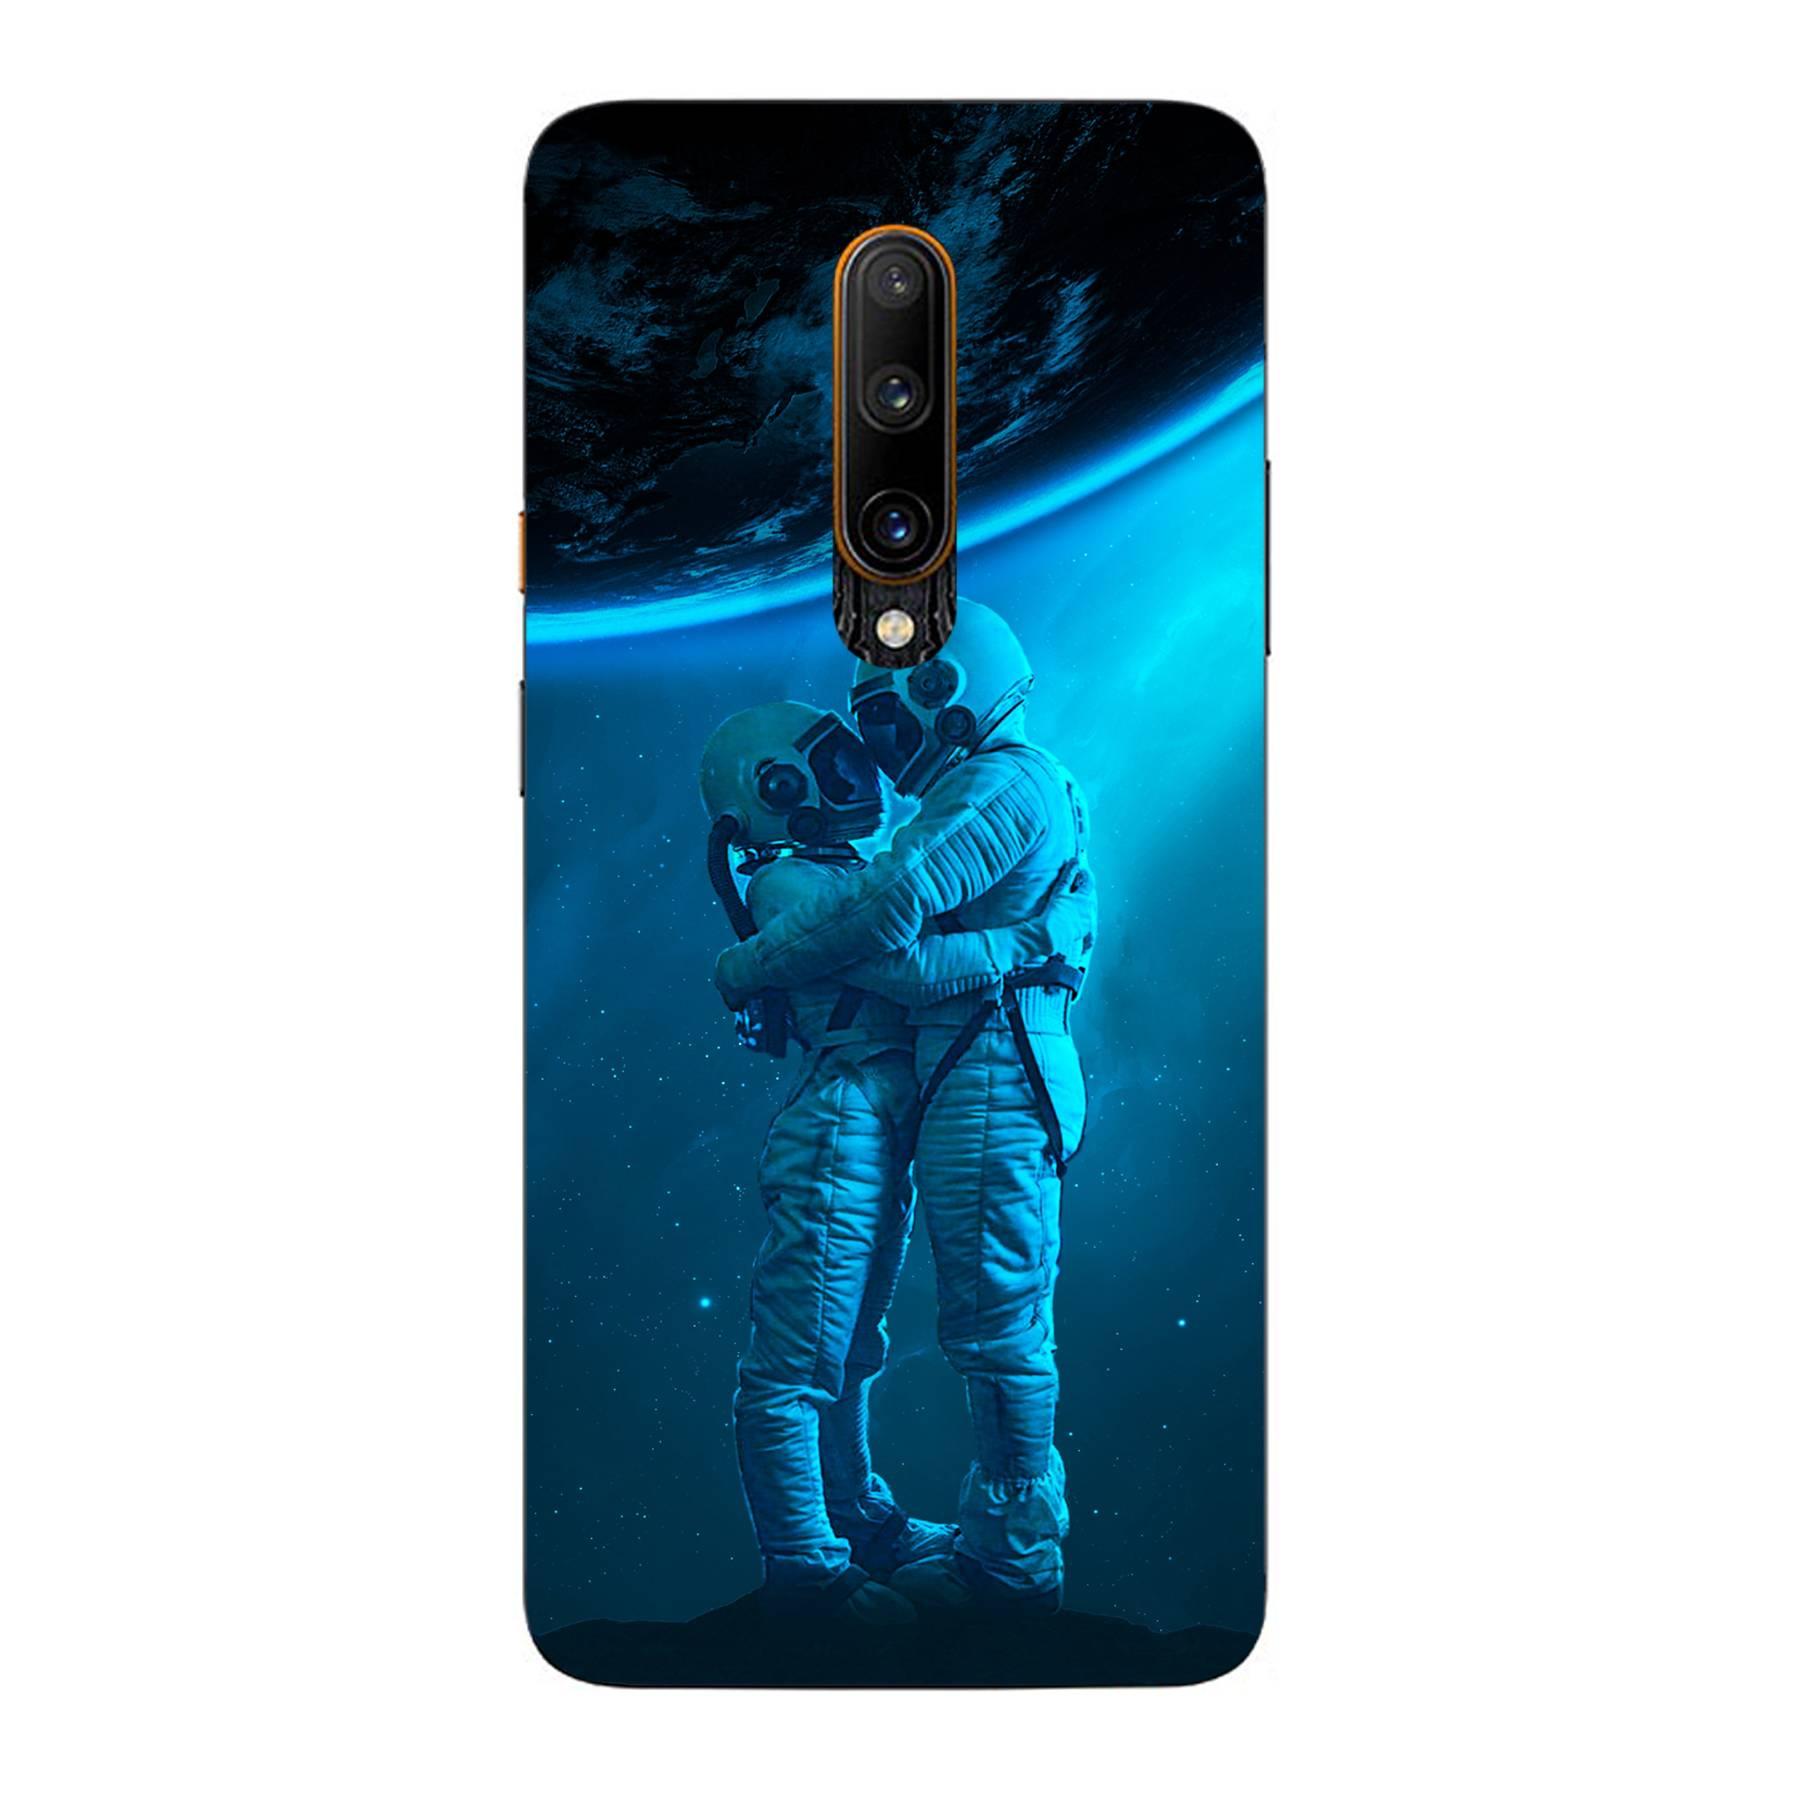 E-pic szilikon védő tok / hátlap - Szerelmes űrhajós pár mintás - ONEPLUS 7T Pro 5G